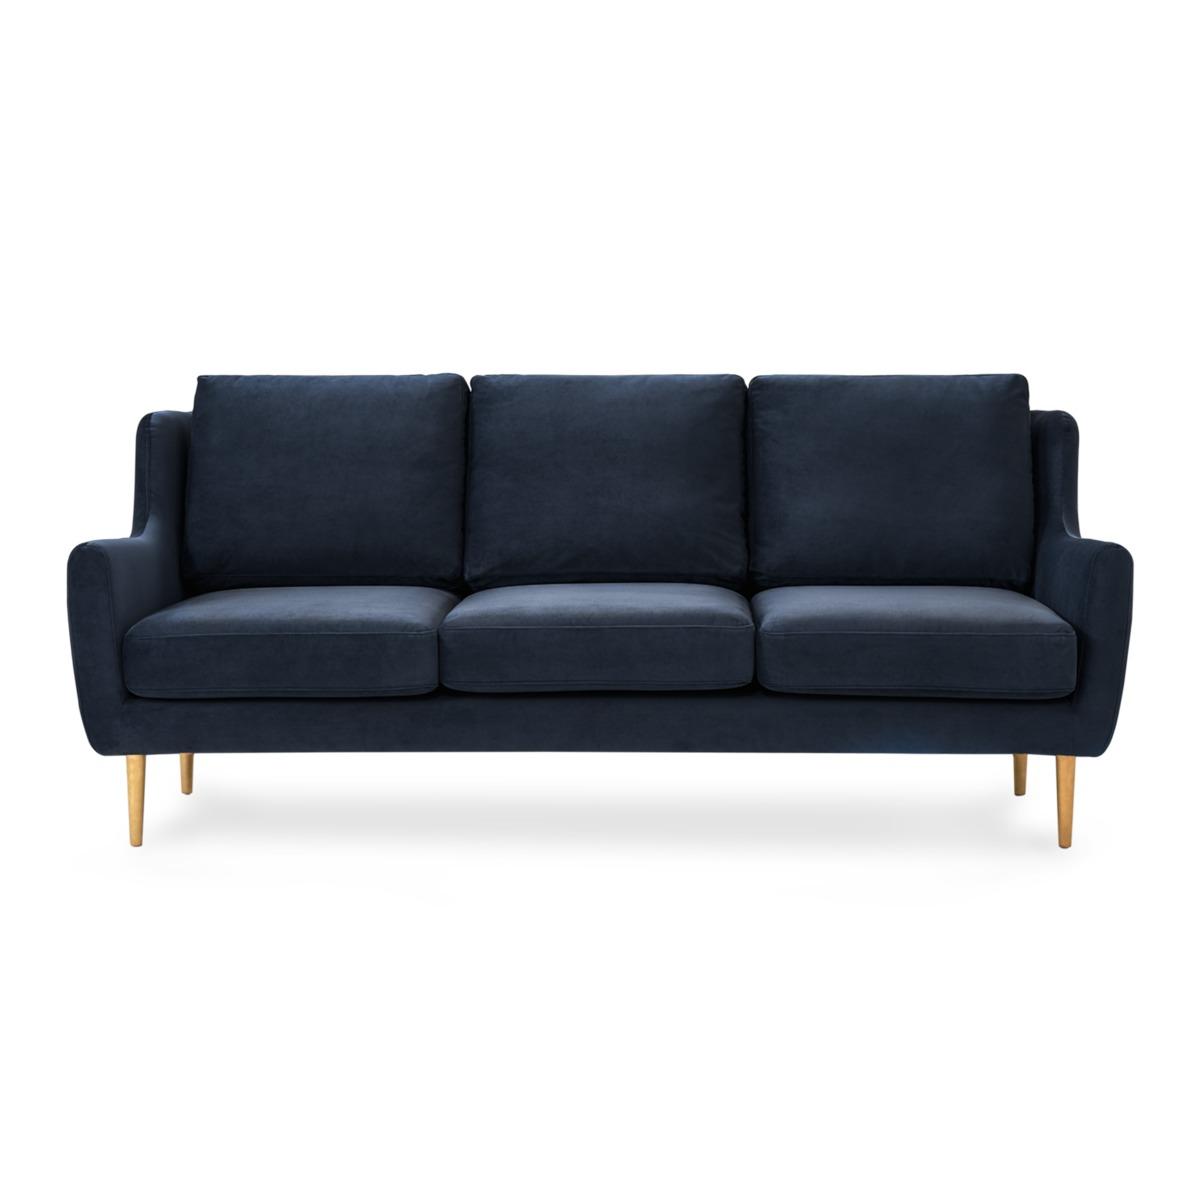 Adelphi 3 Seater Sofa, Midnight Blue Velvet